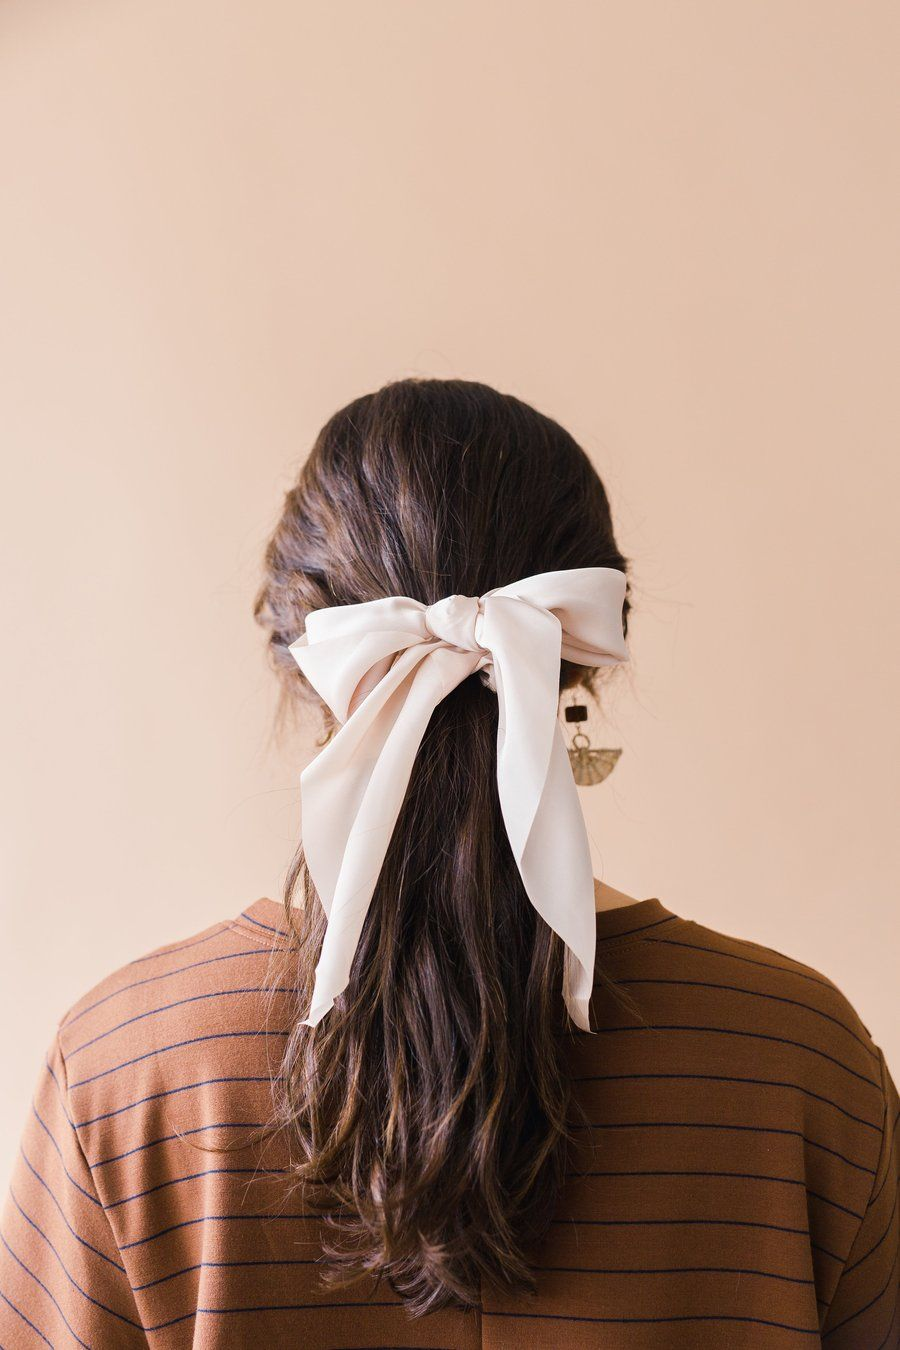 Ruy-băng buộc tóc